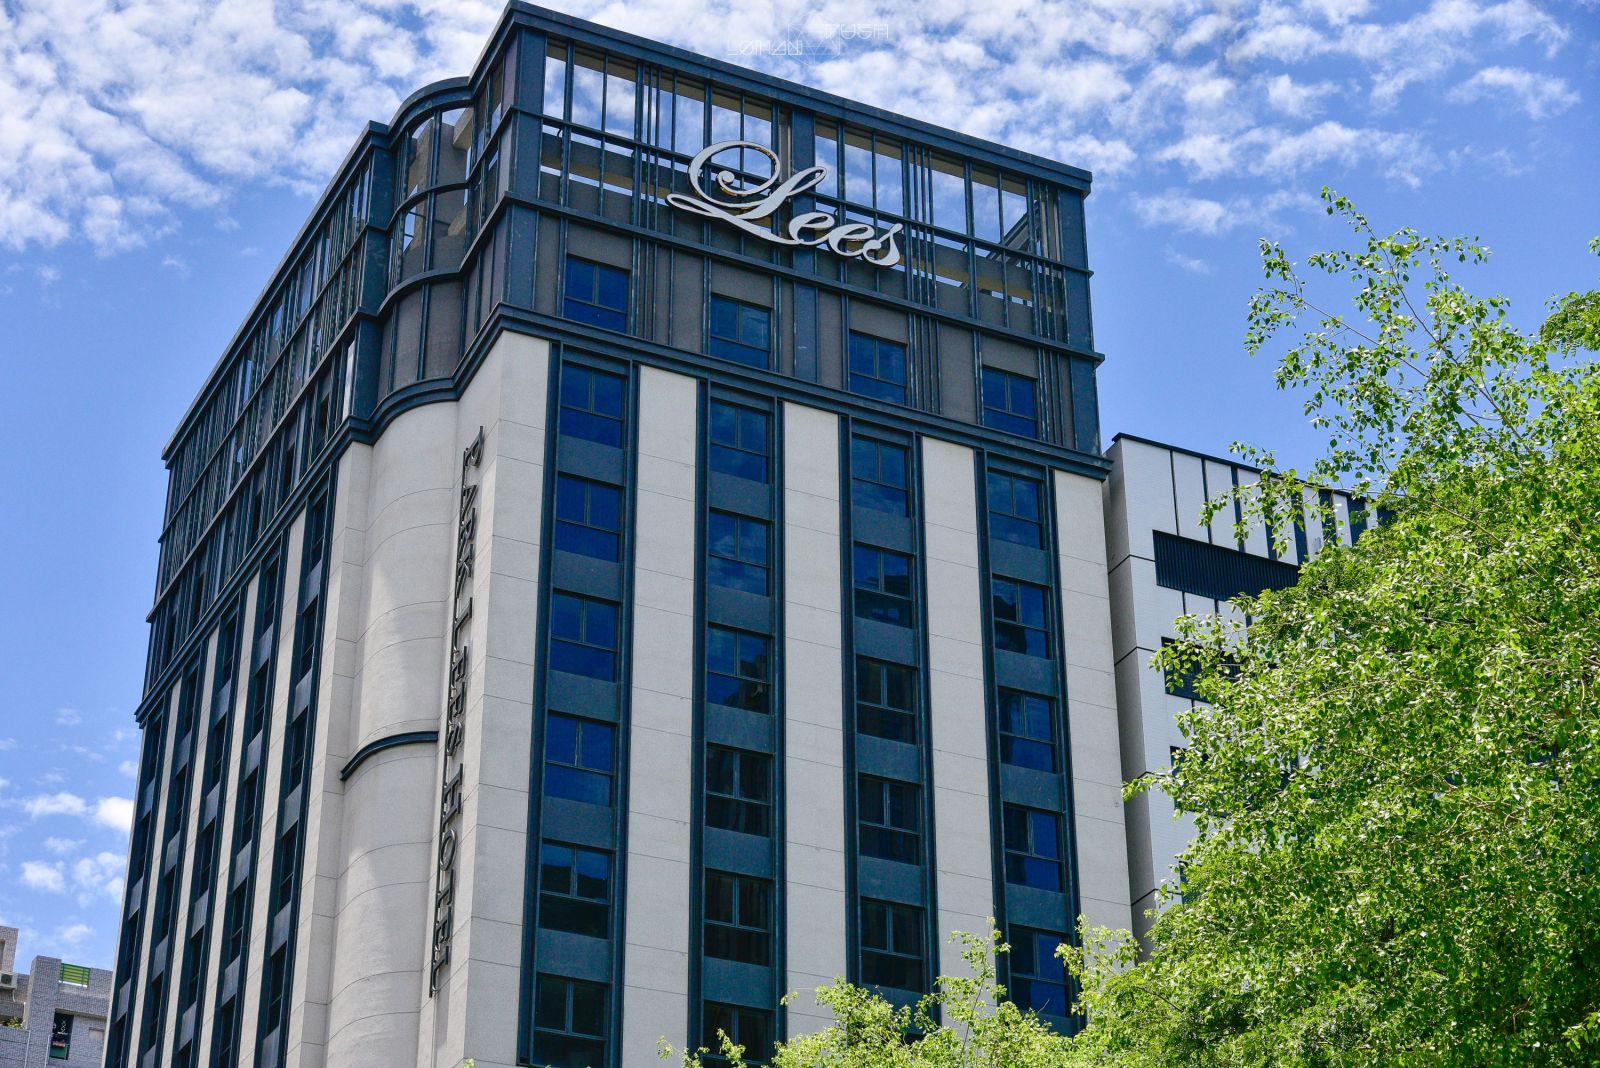 【高雄住宿】帕可麗酒店Park Lees Hotel-入住歐美感時尚精品飯店 近捷運巨蛋站 鼓山區  – 老漢推一把